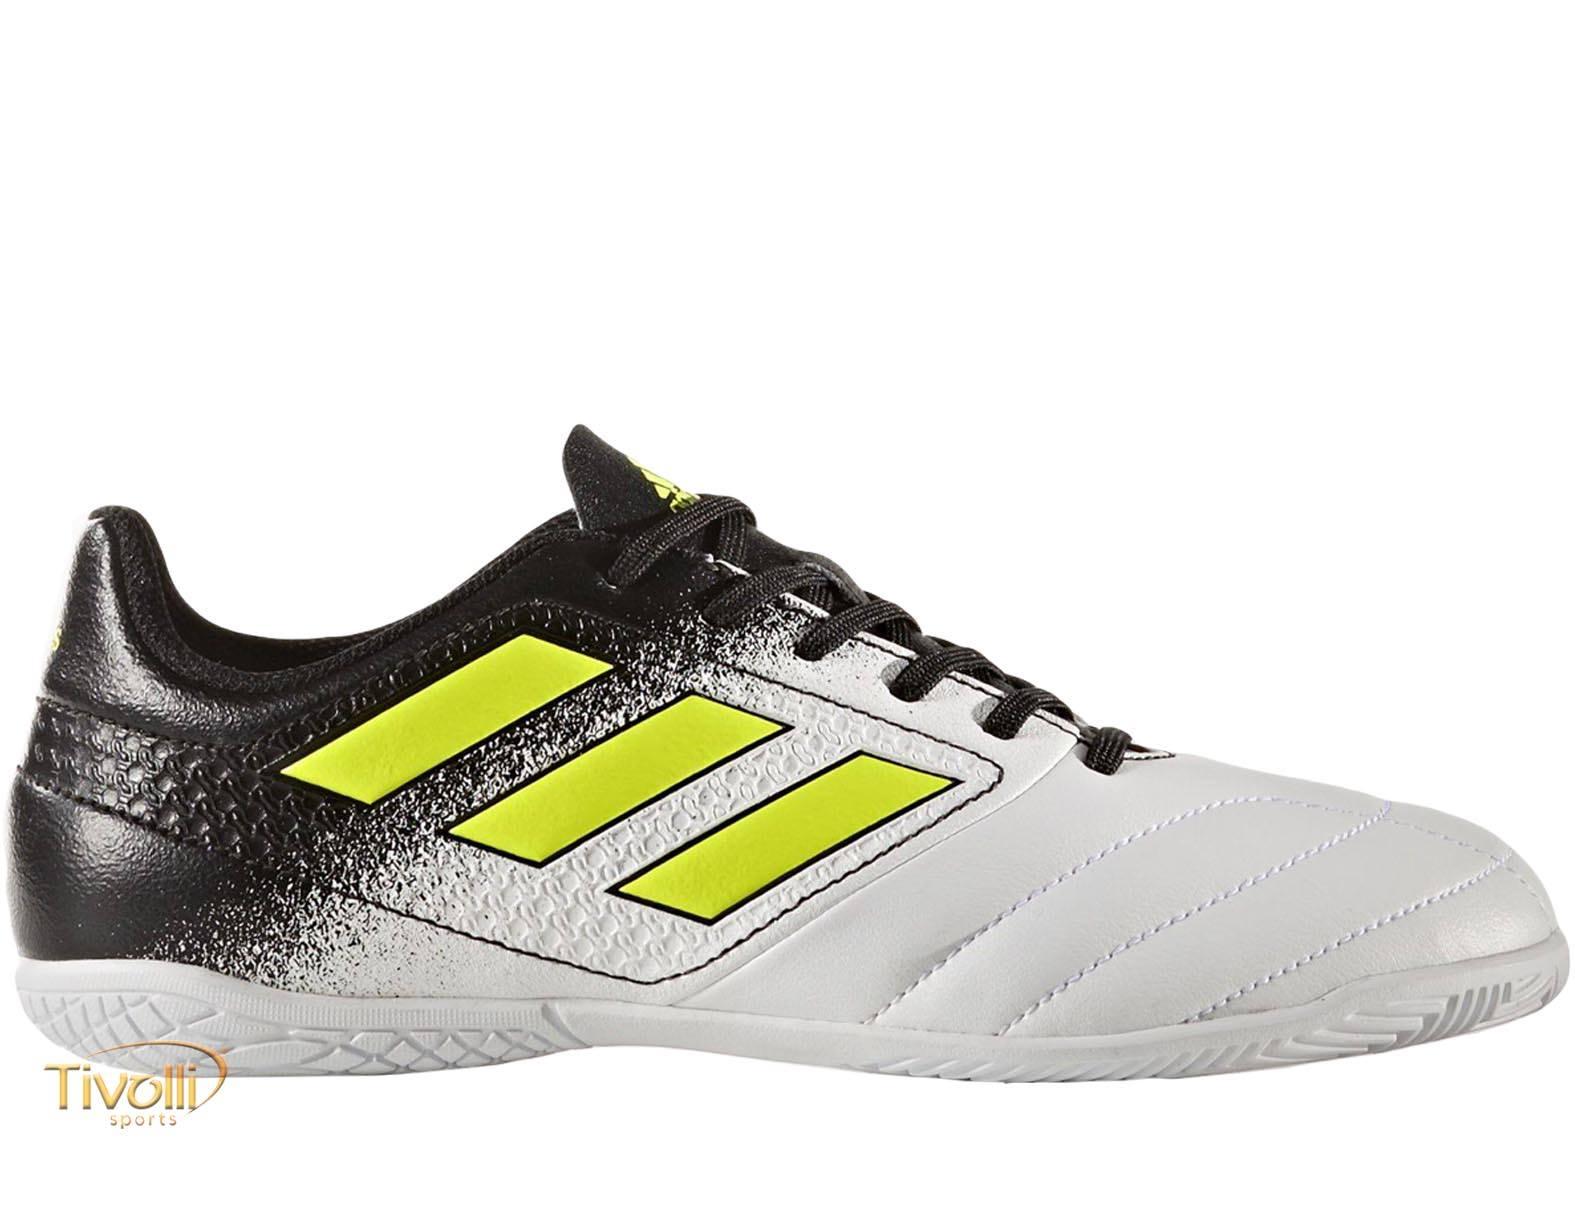 9e56b01af1 Chuteira Adidas Ace 17.4 J Infantil IC Futsal